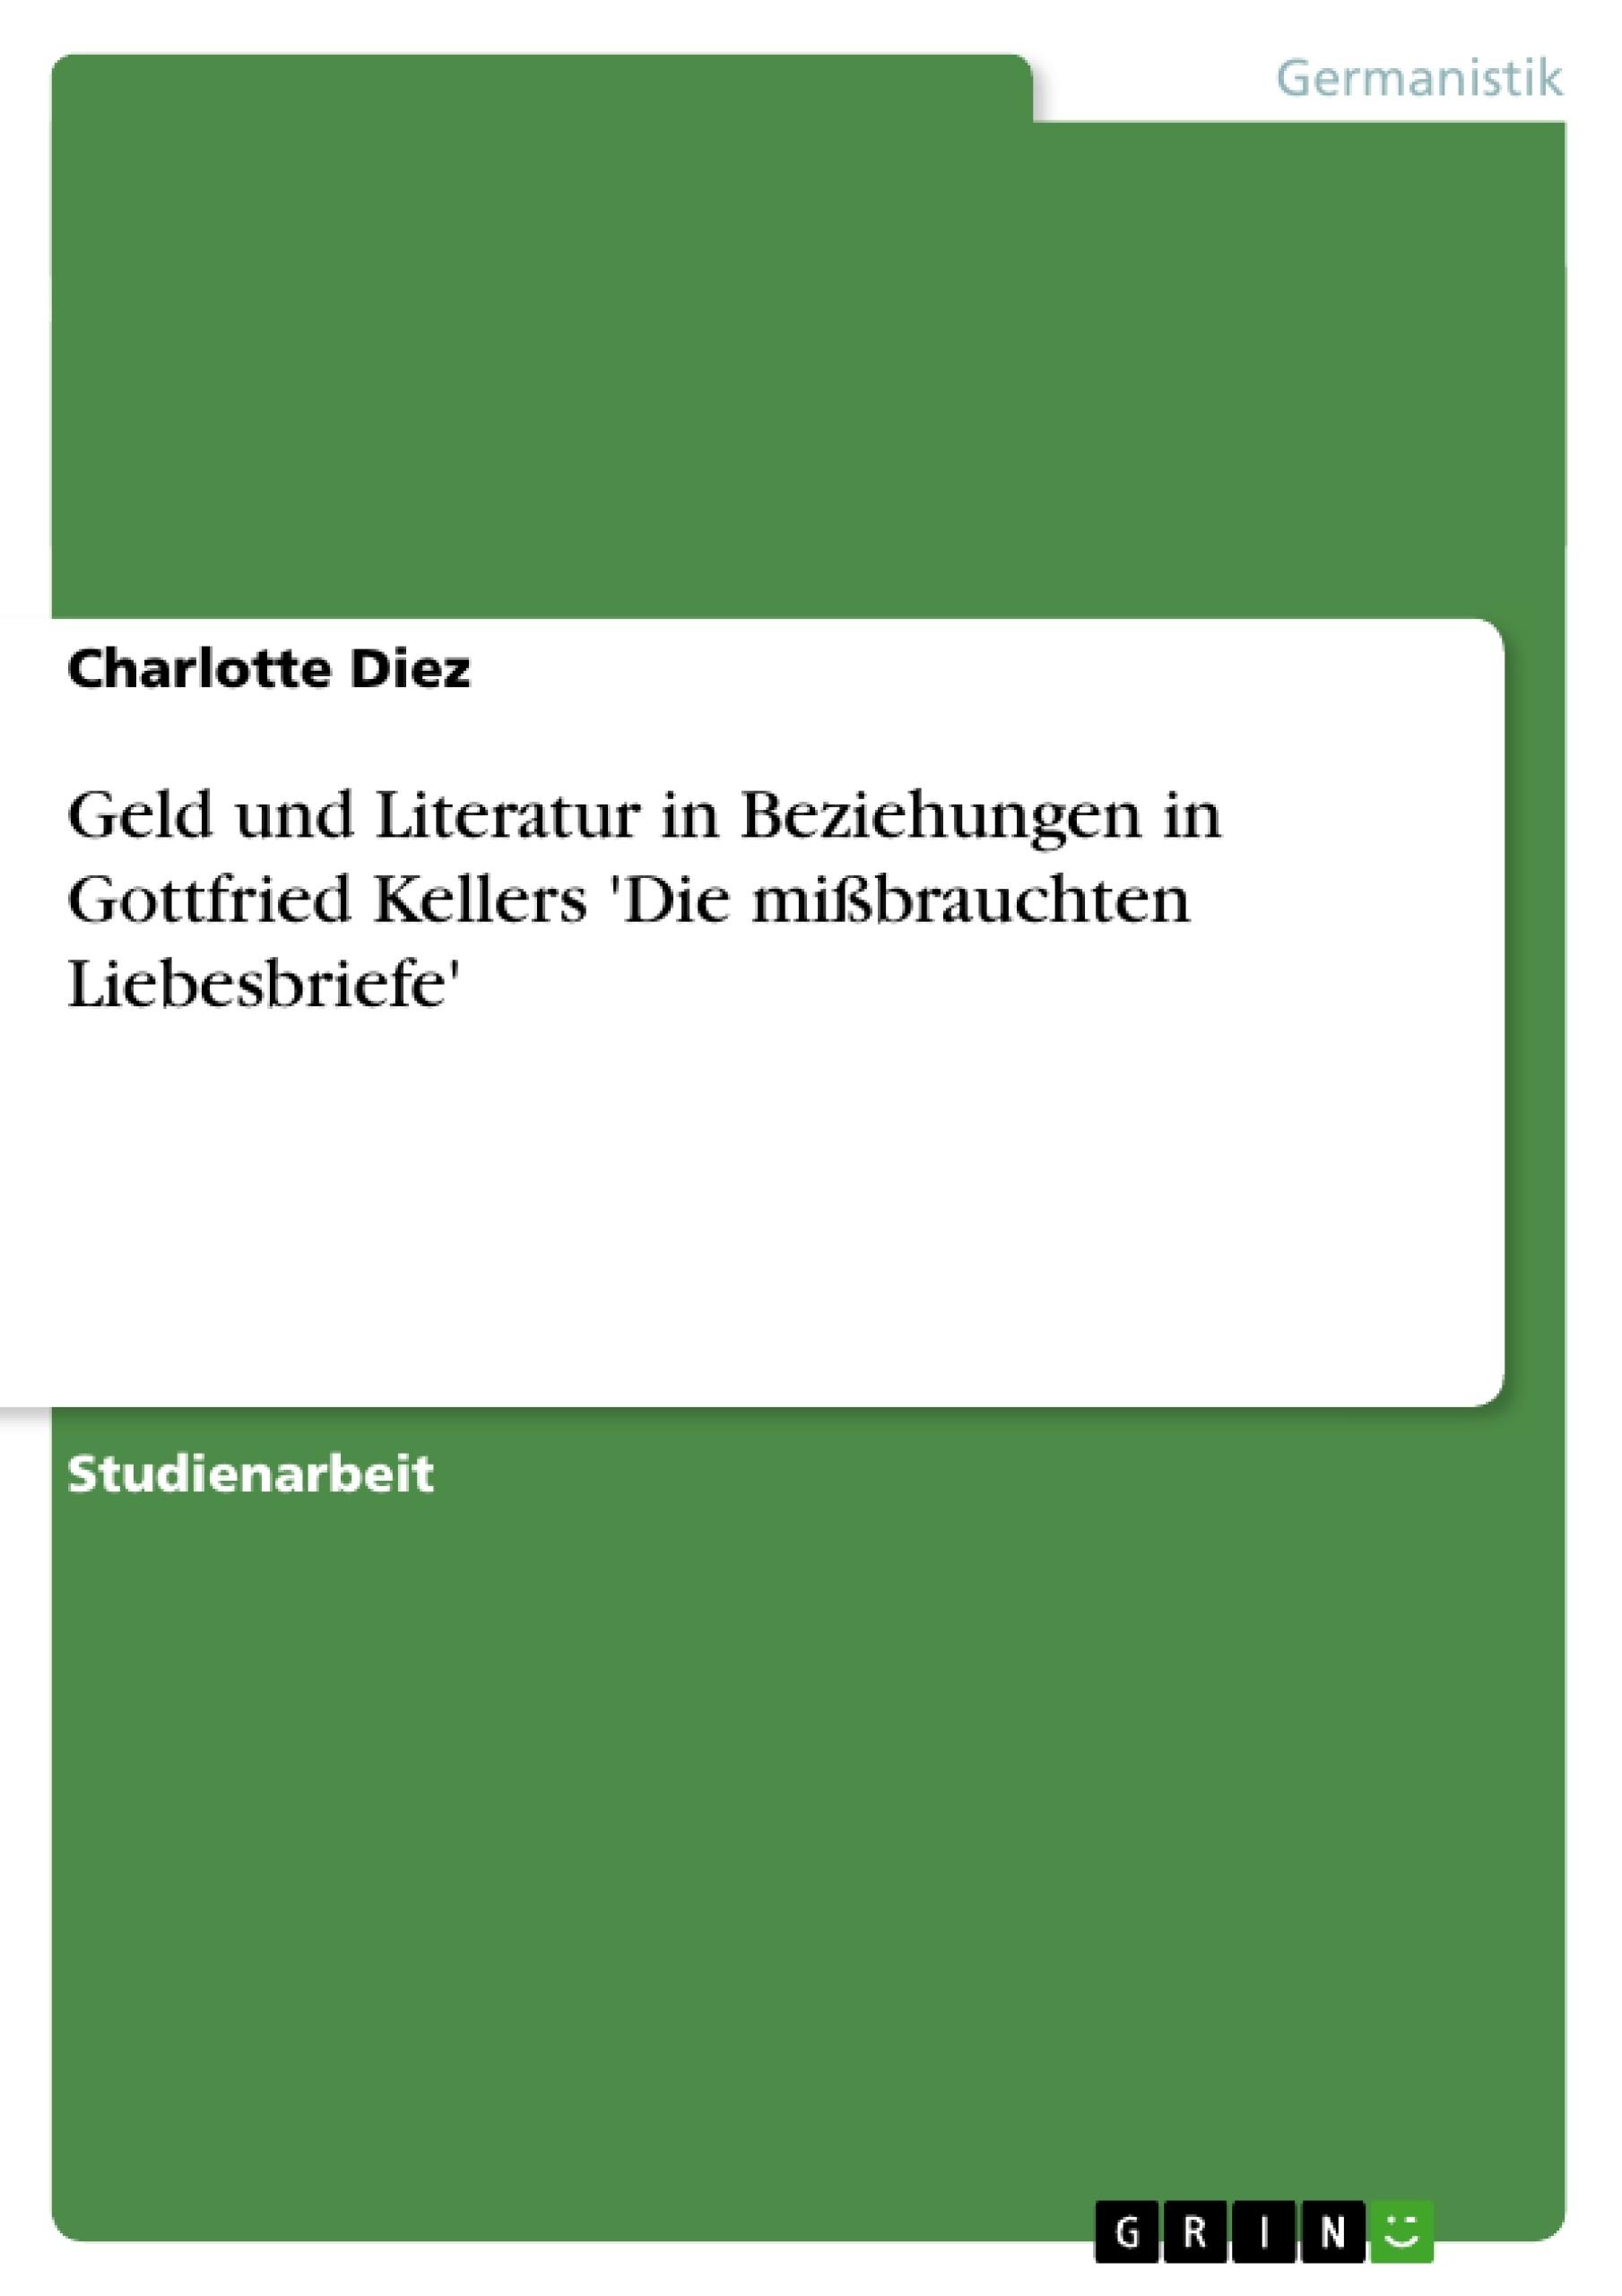 Titel: Geld und Literatur in Beziehungen in Gottfried Kellers 'Die mißbrauchten Liebesbriefe'